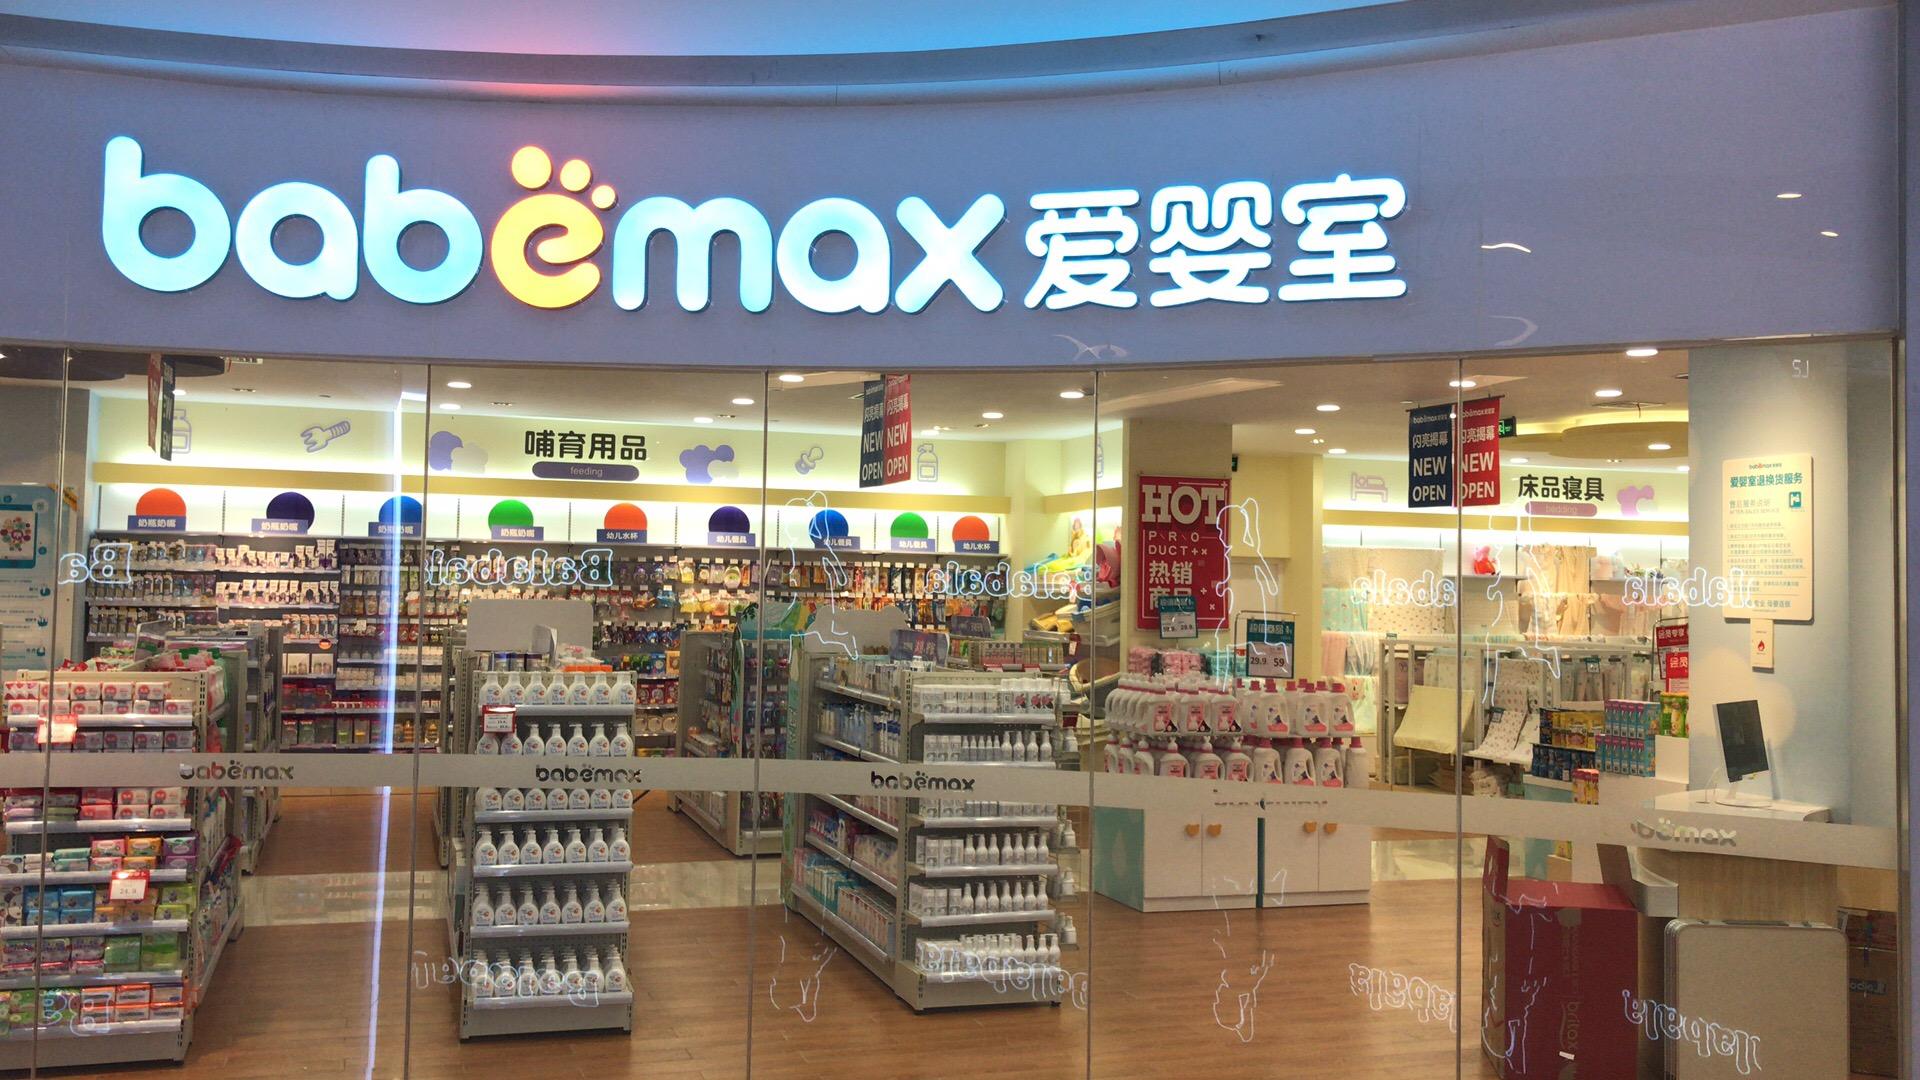 上海青浦富绅时代广场店